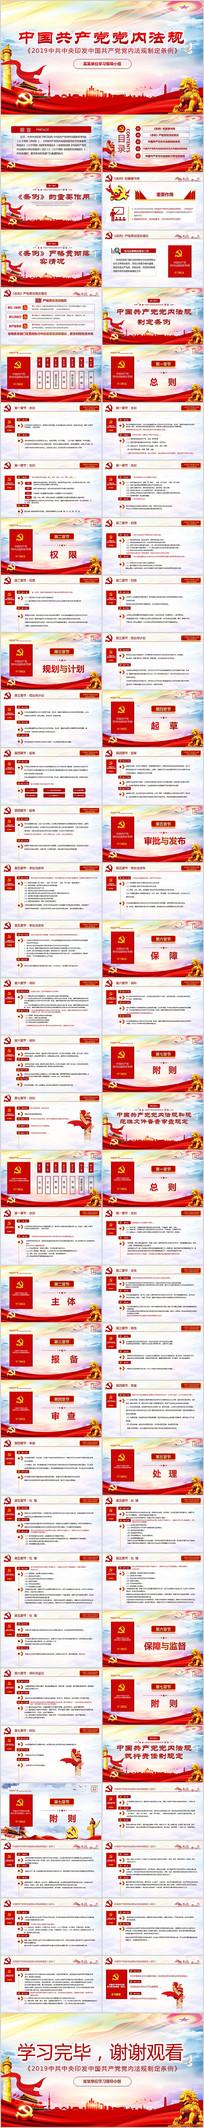 红色大气学习解读中国共产党党内法规PPT pptx